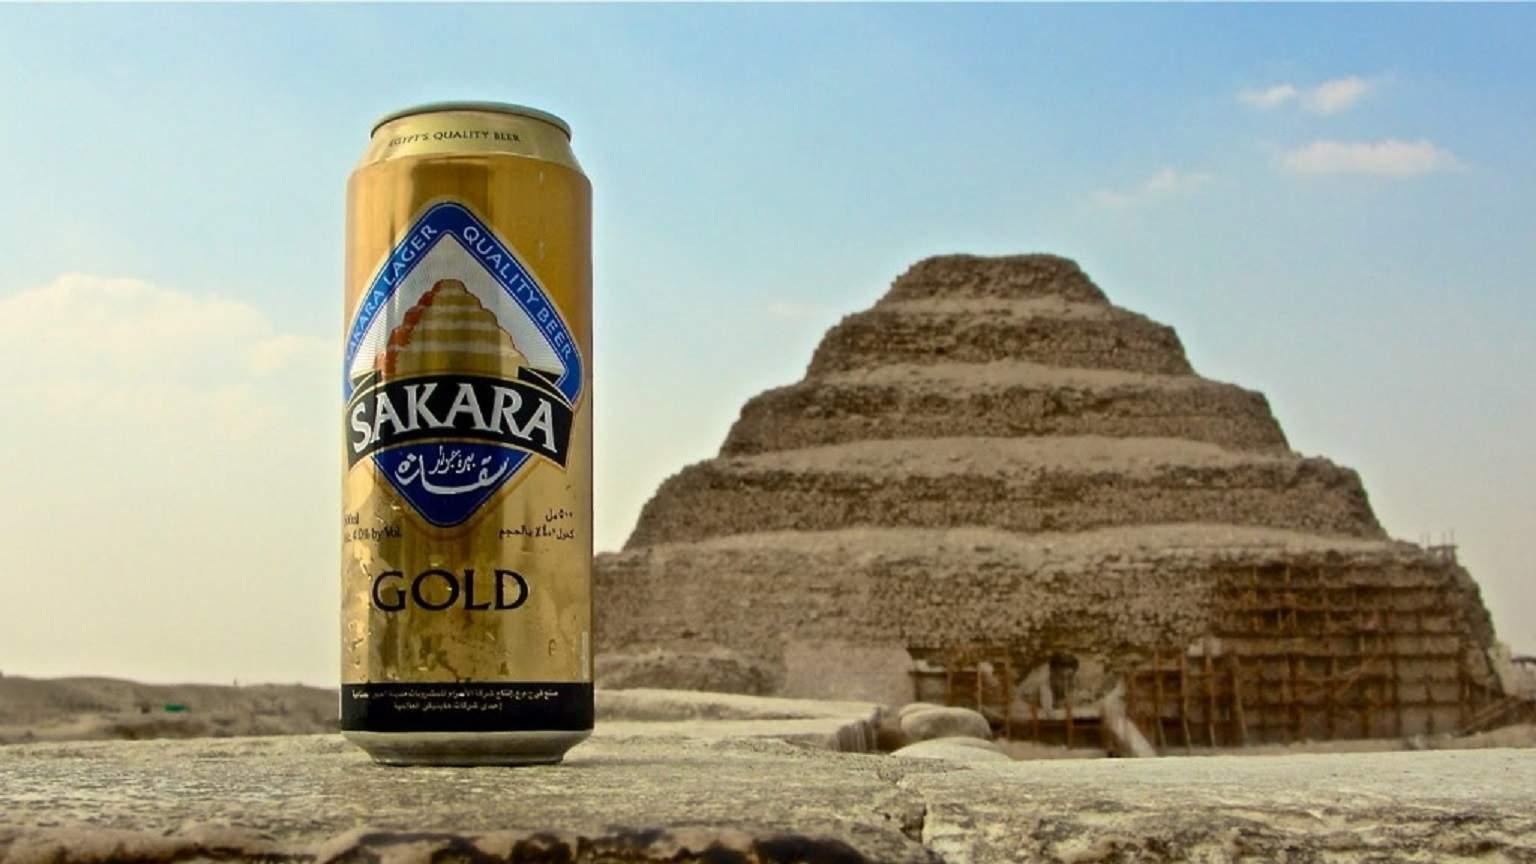 sakara-beer-egypt